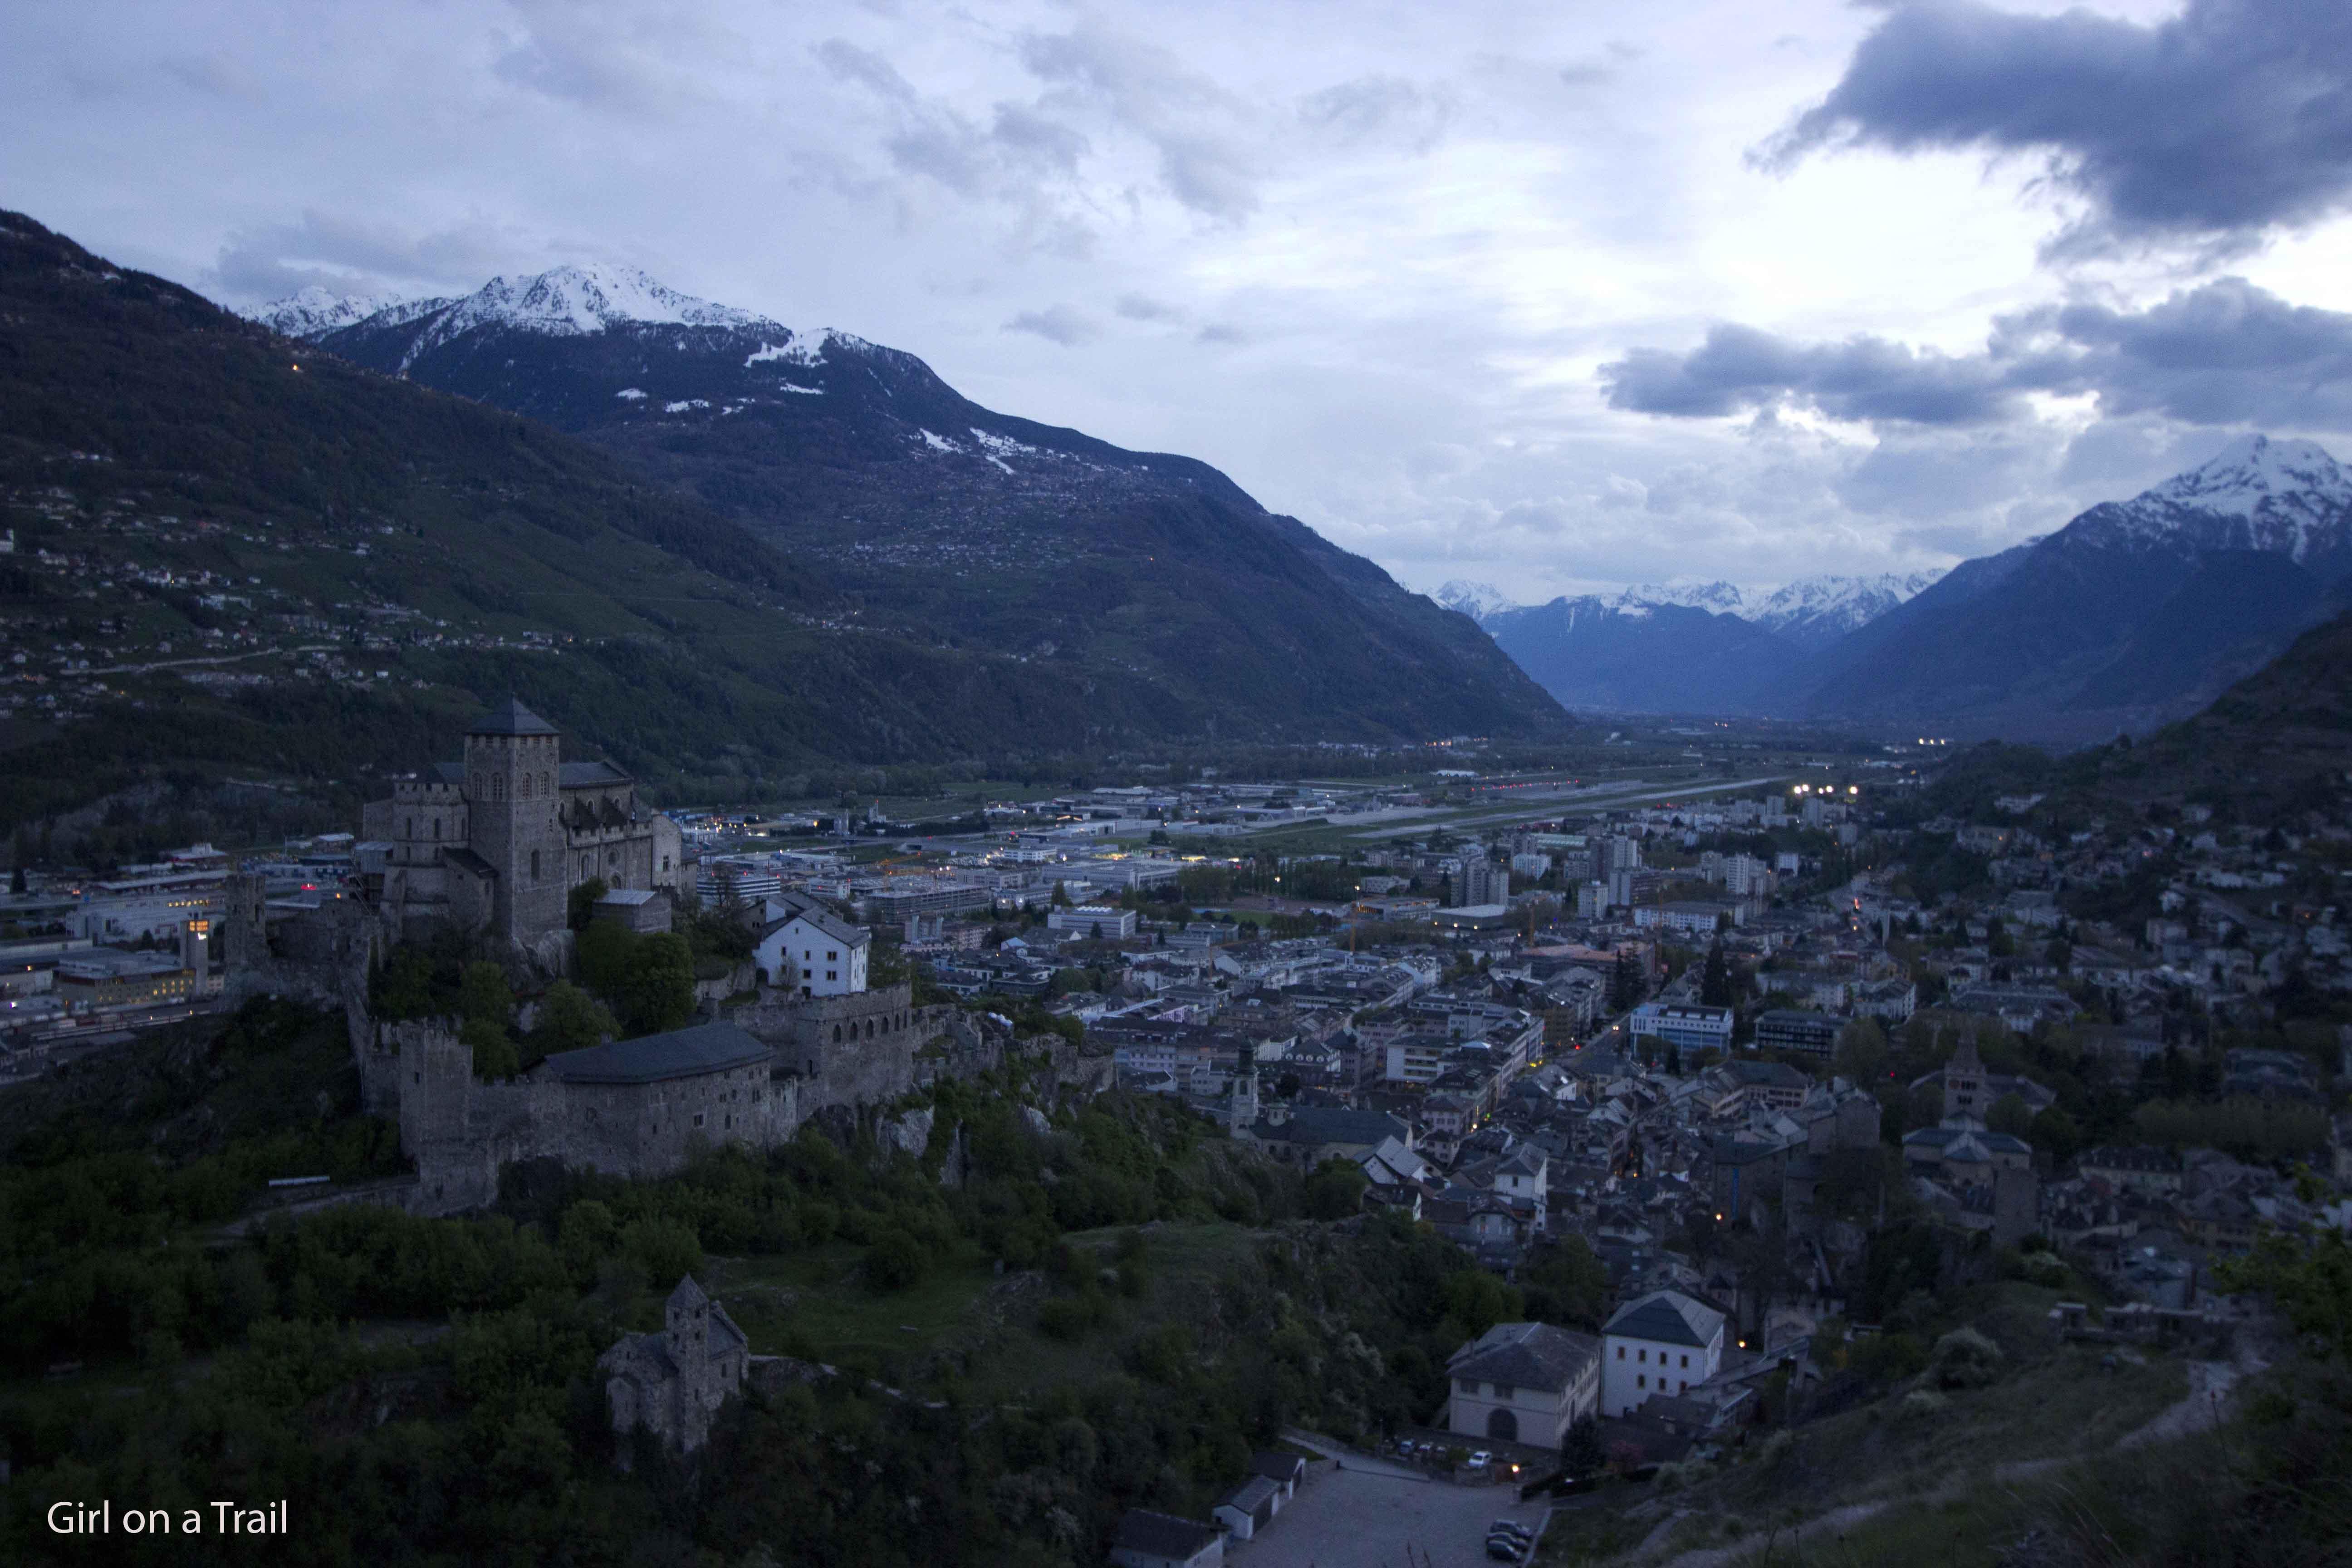 Szwajcaria - Sion